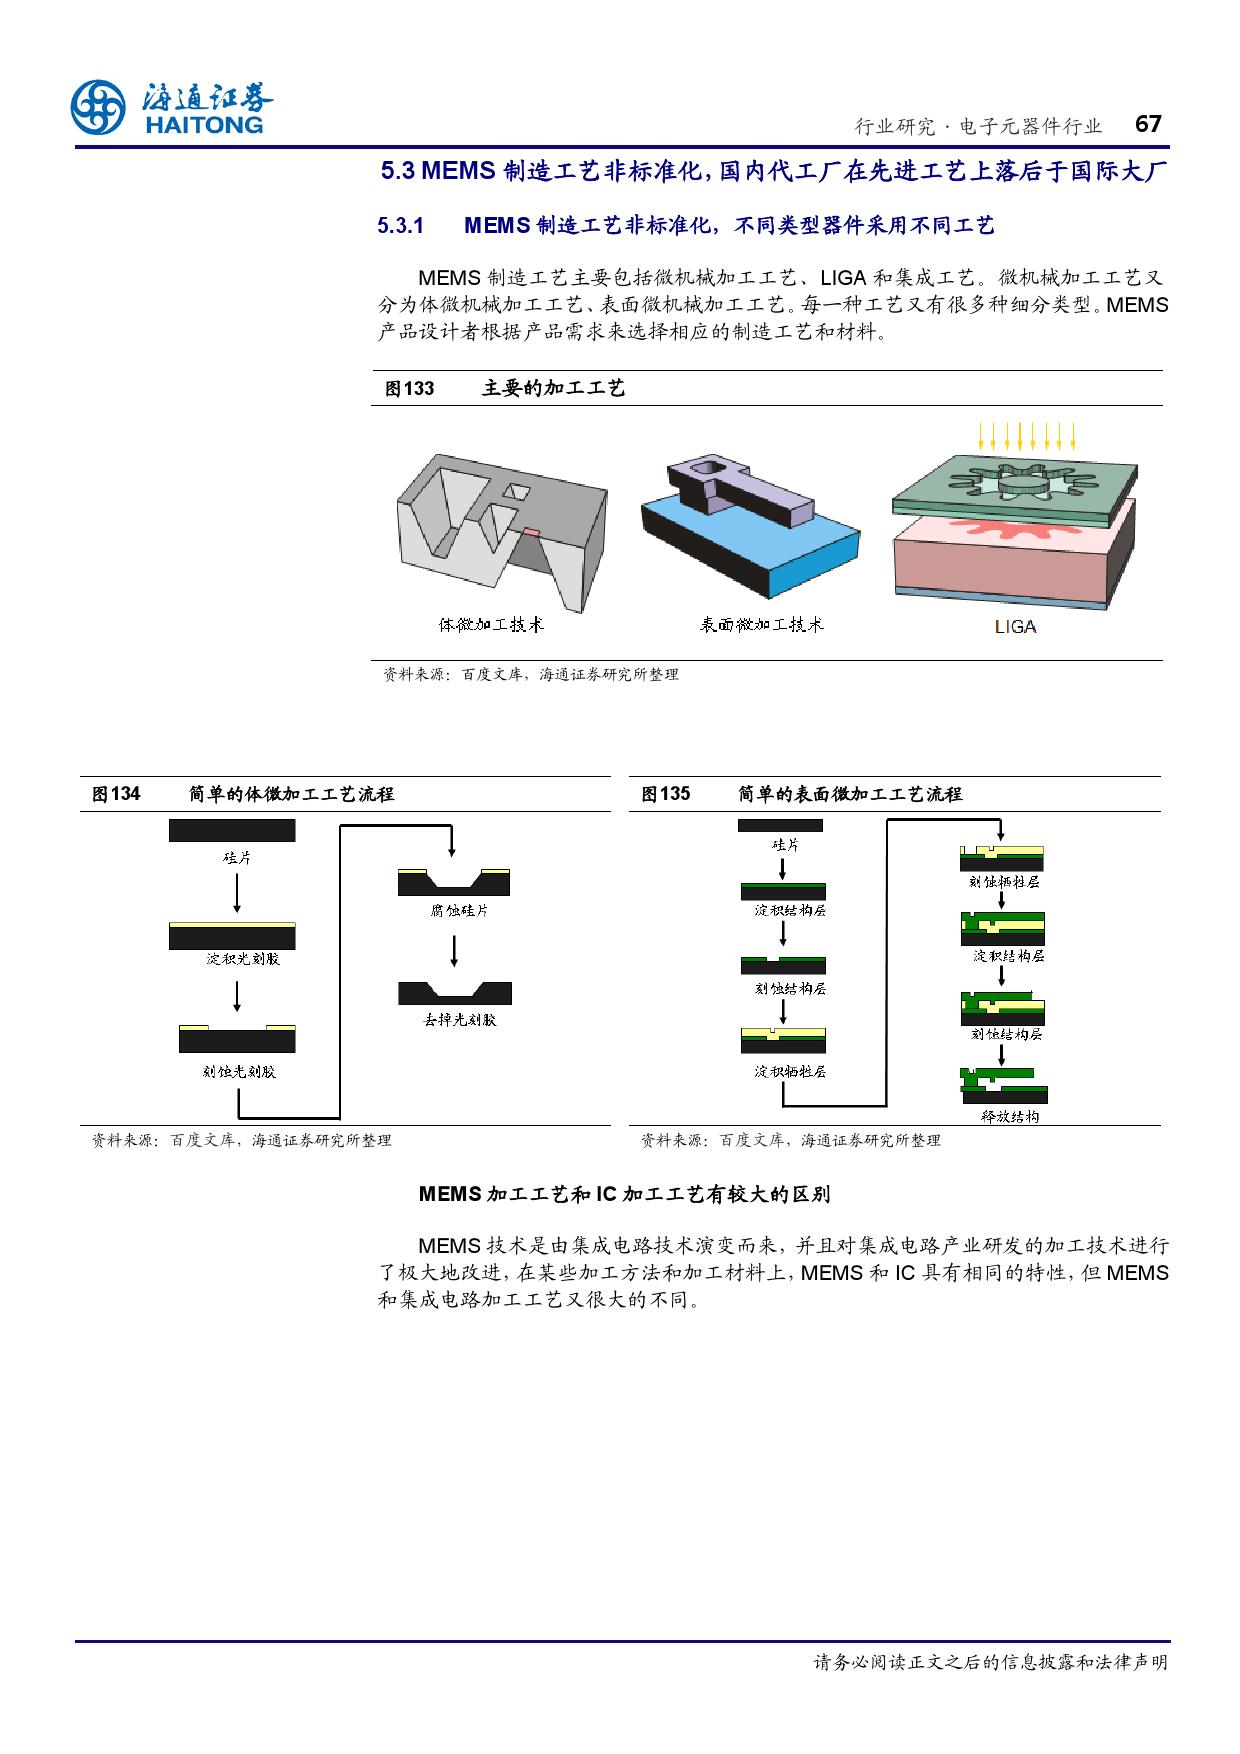 报告全解传感器全球产业链_000067